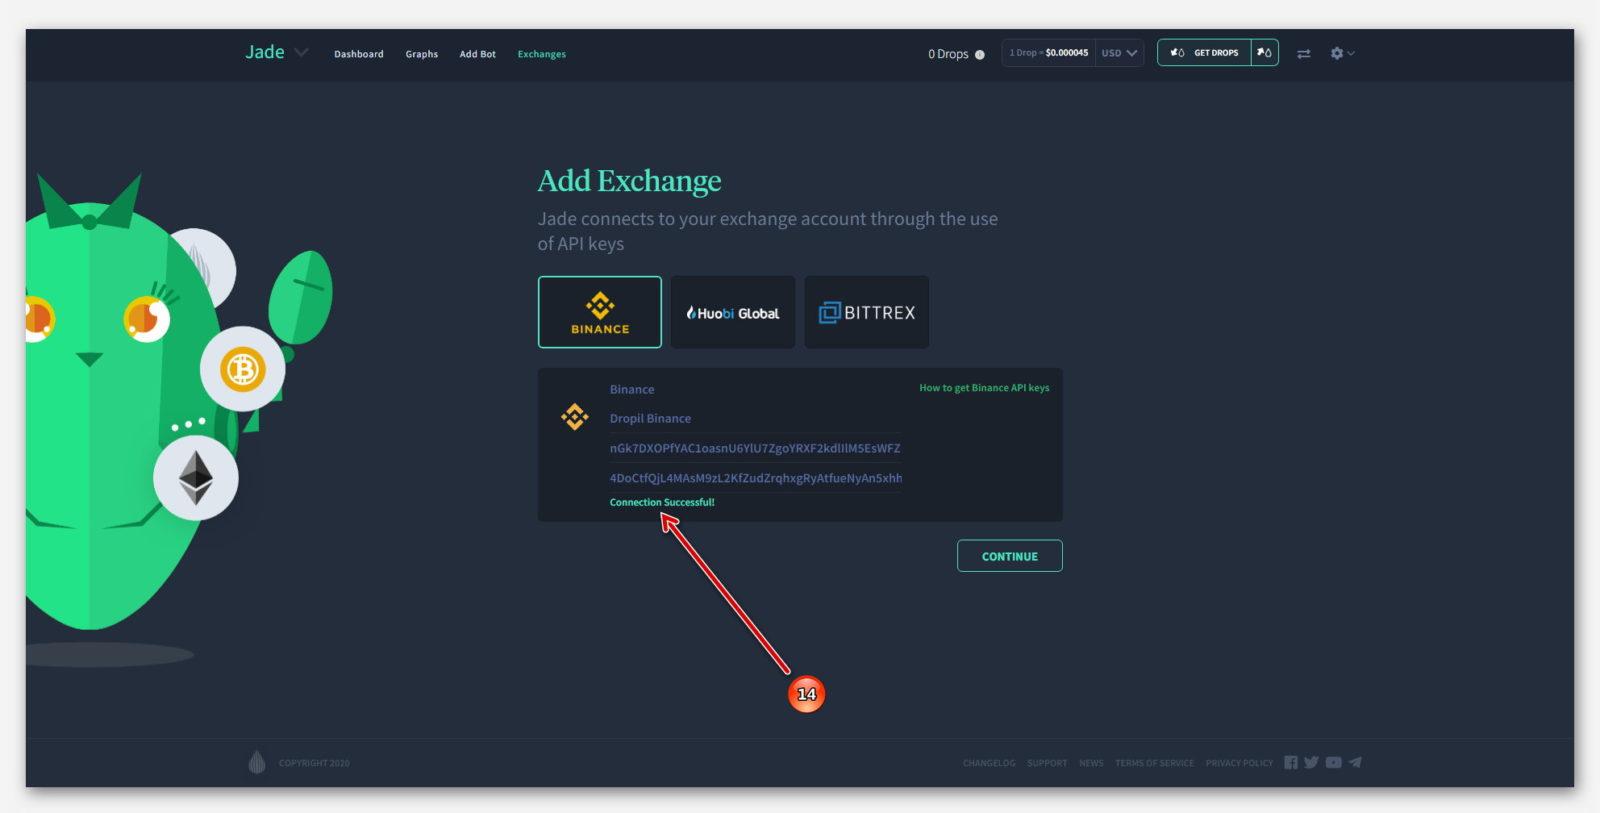 Успешное подключение Робота Jade ,к бирже Binance, в проекте Dropil